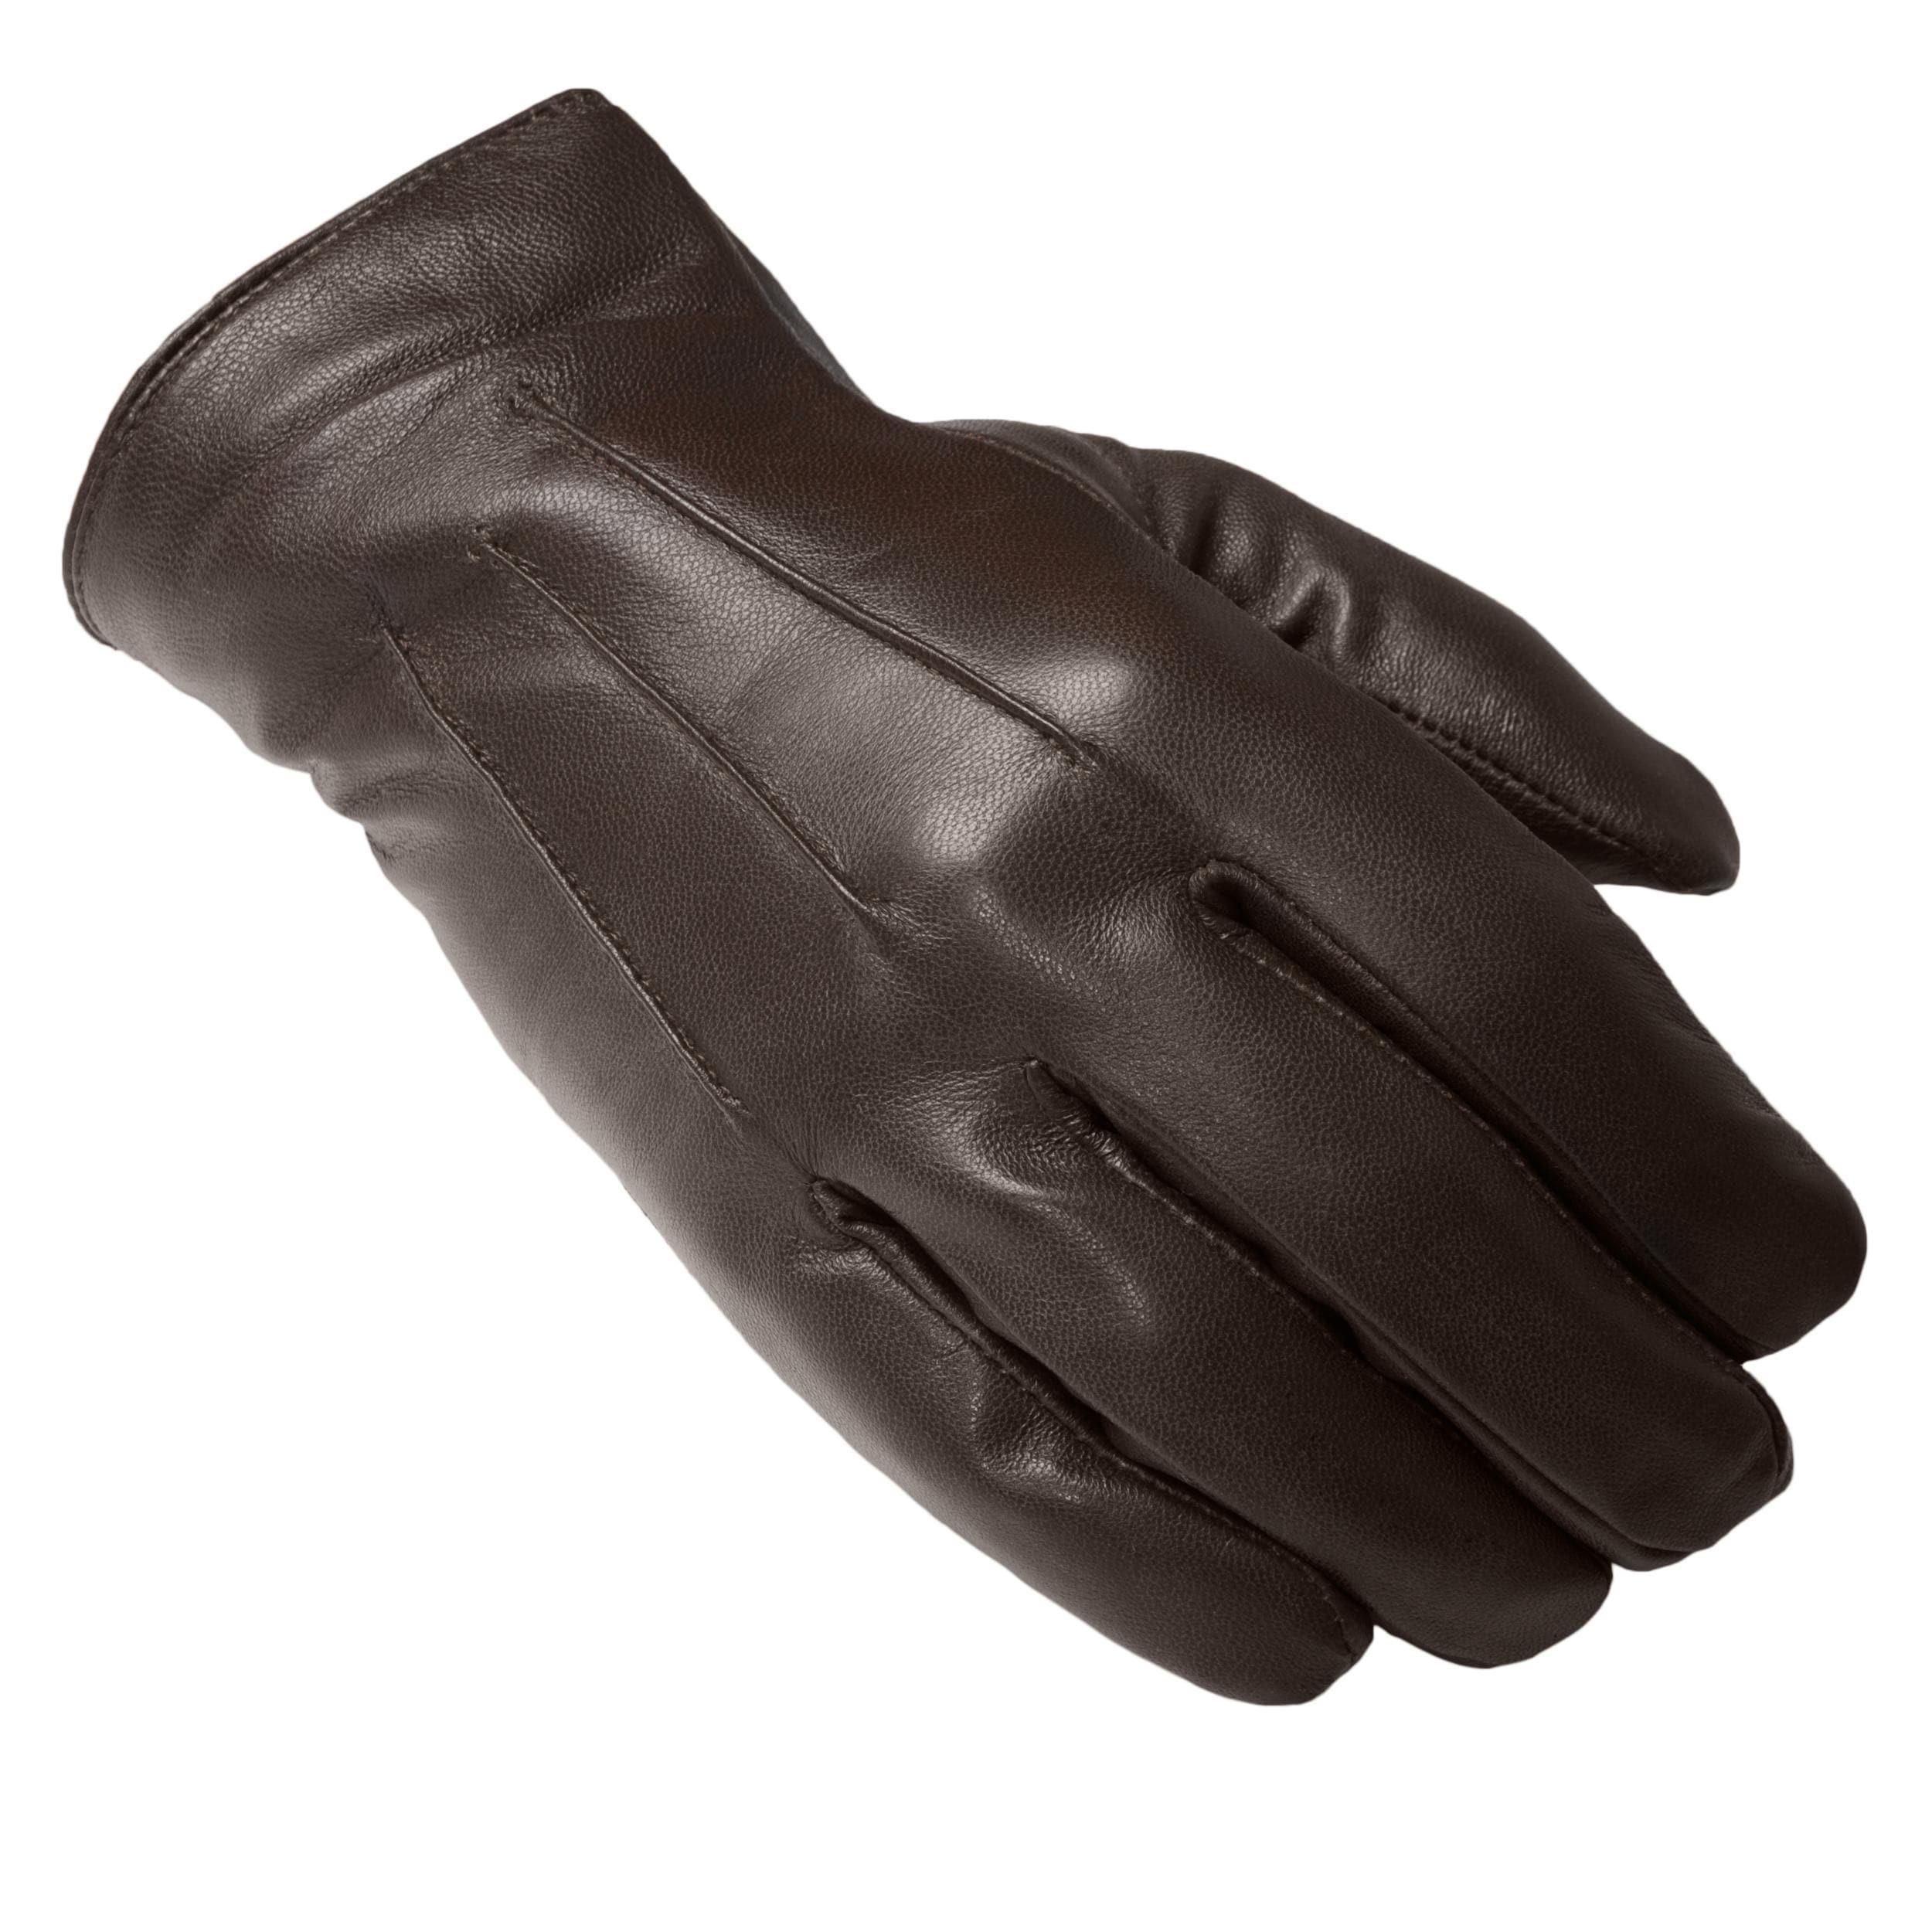 Boston Traveler Men's Genuine Leather Thinsulate Lined Gloves